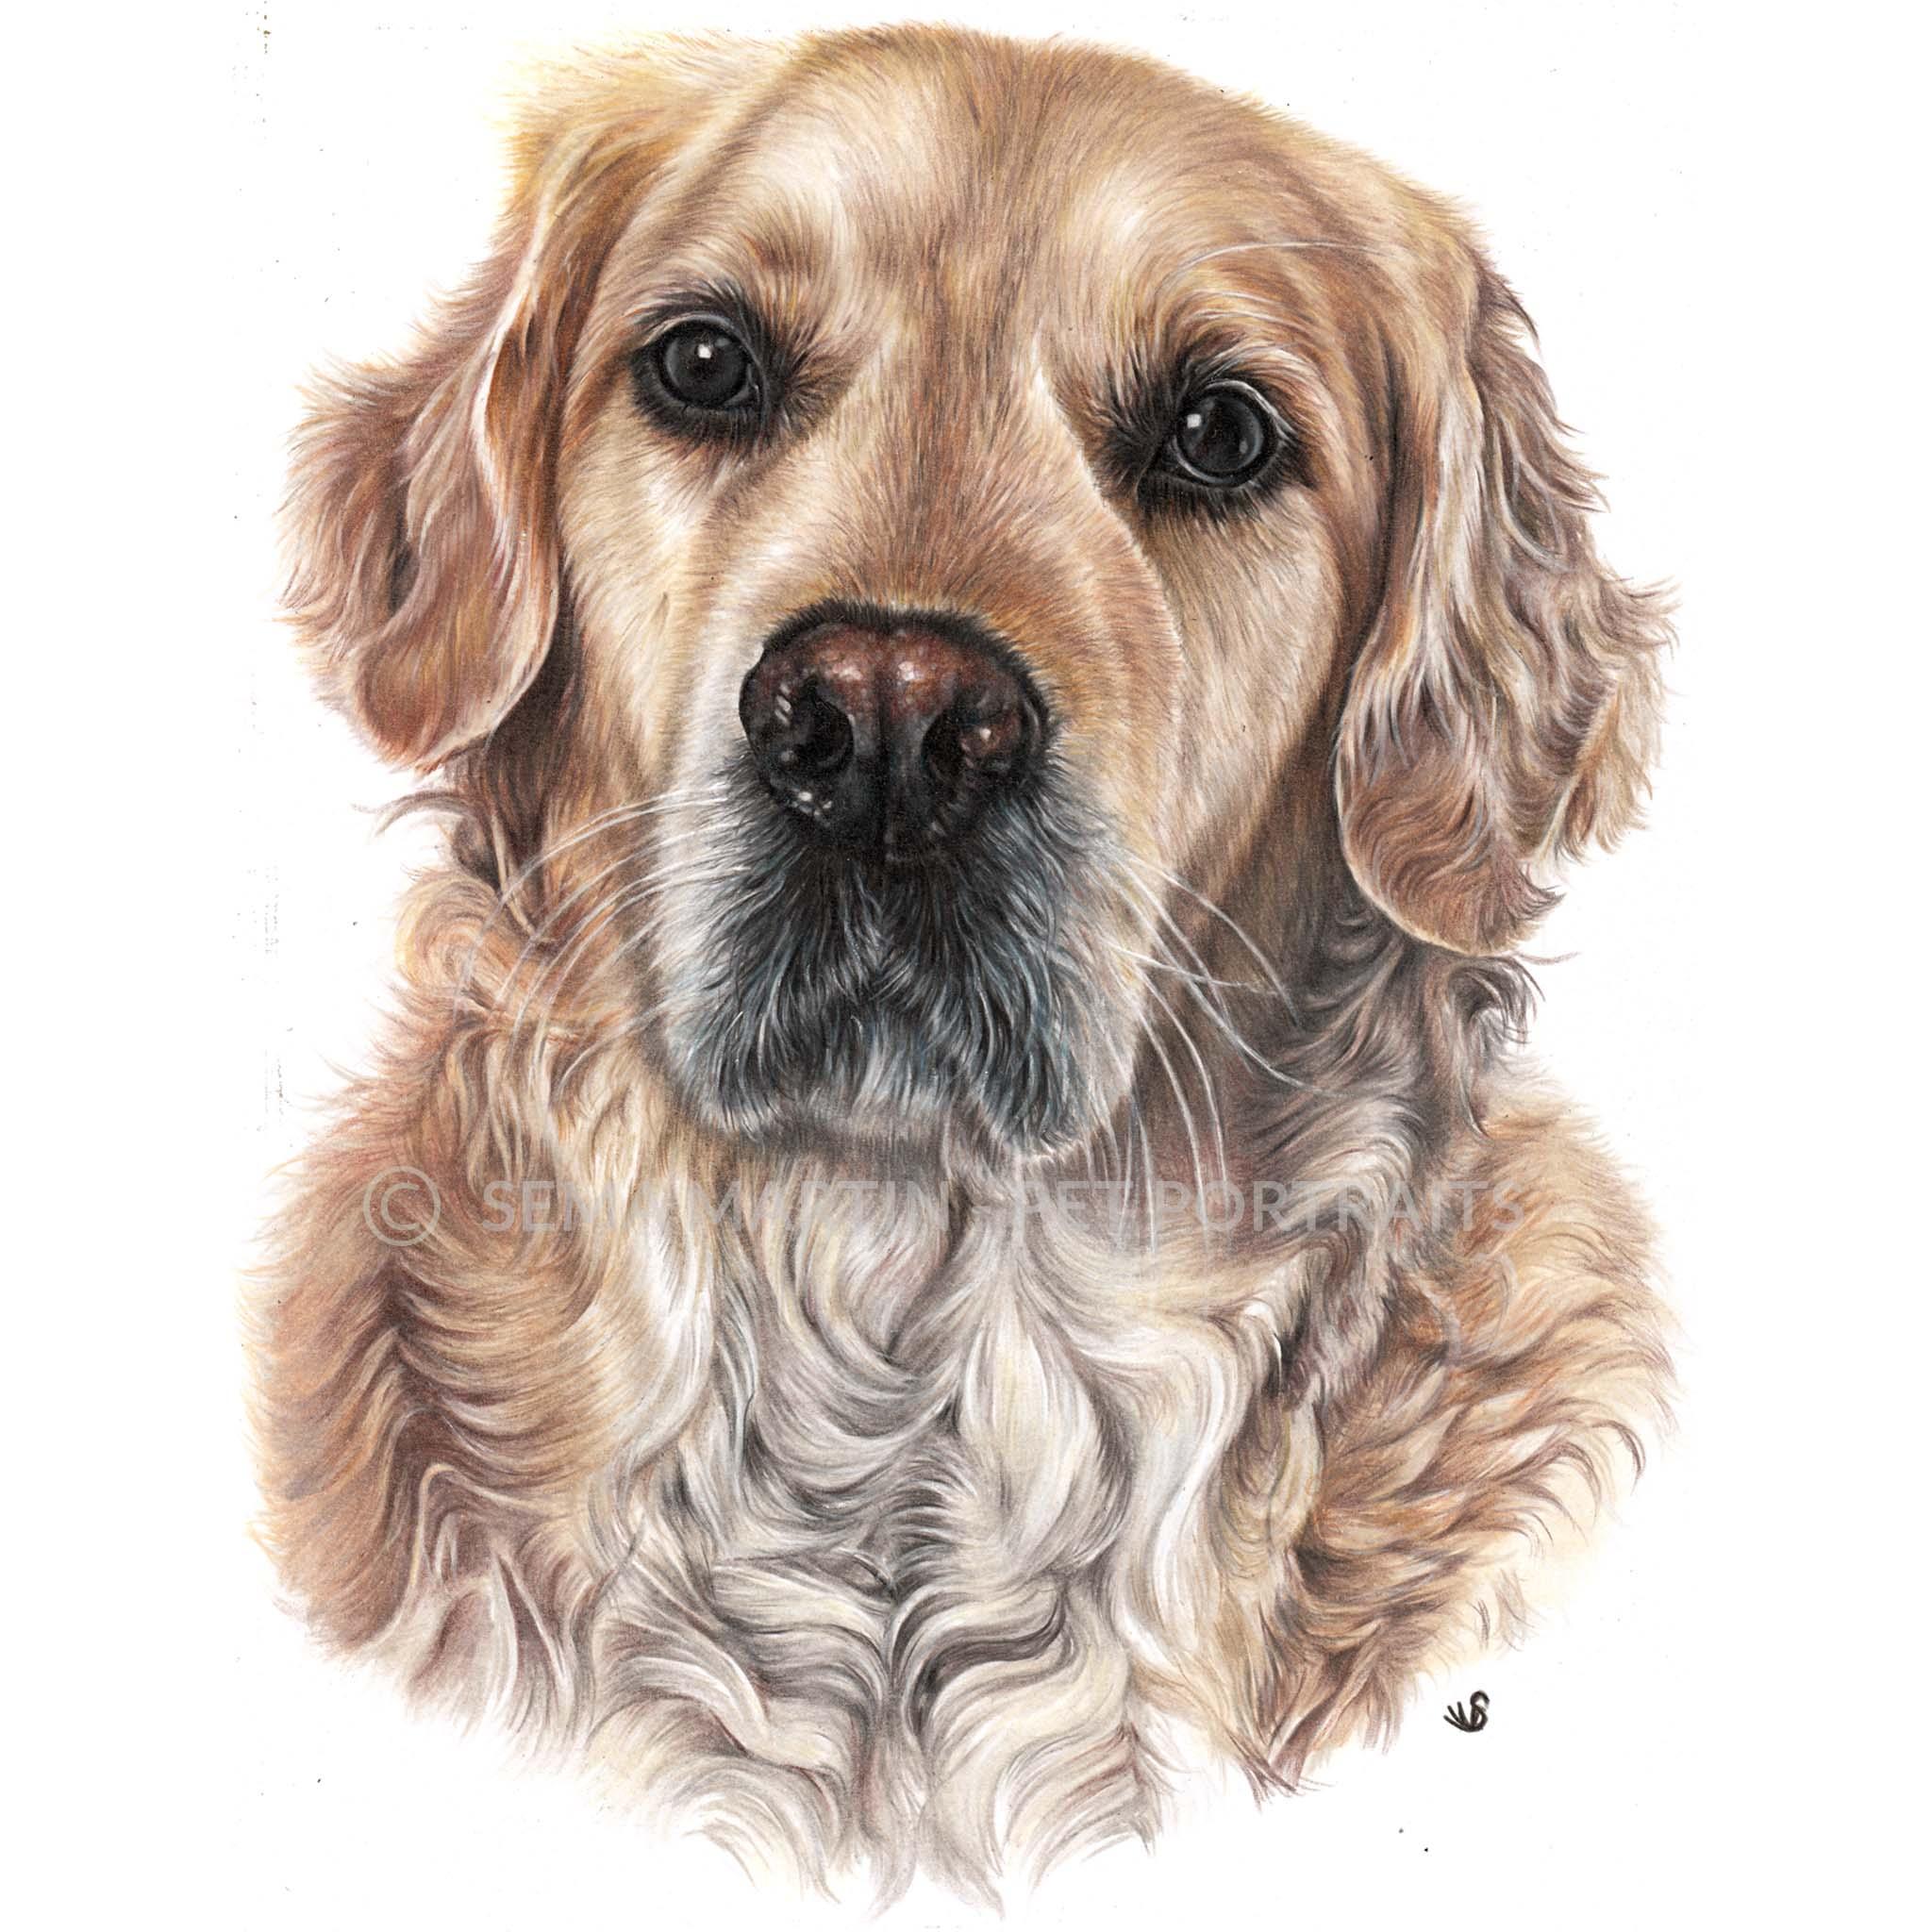 'Harvey' - UK, 8.3 x 11.7 inches, 2019, Colour pencil pet portrait of Golden Retriever